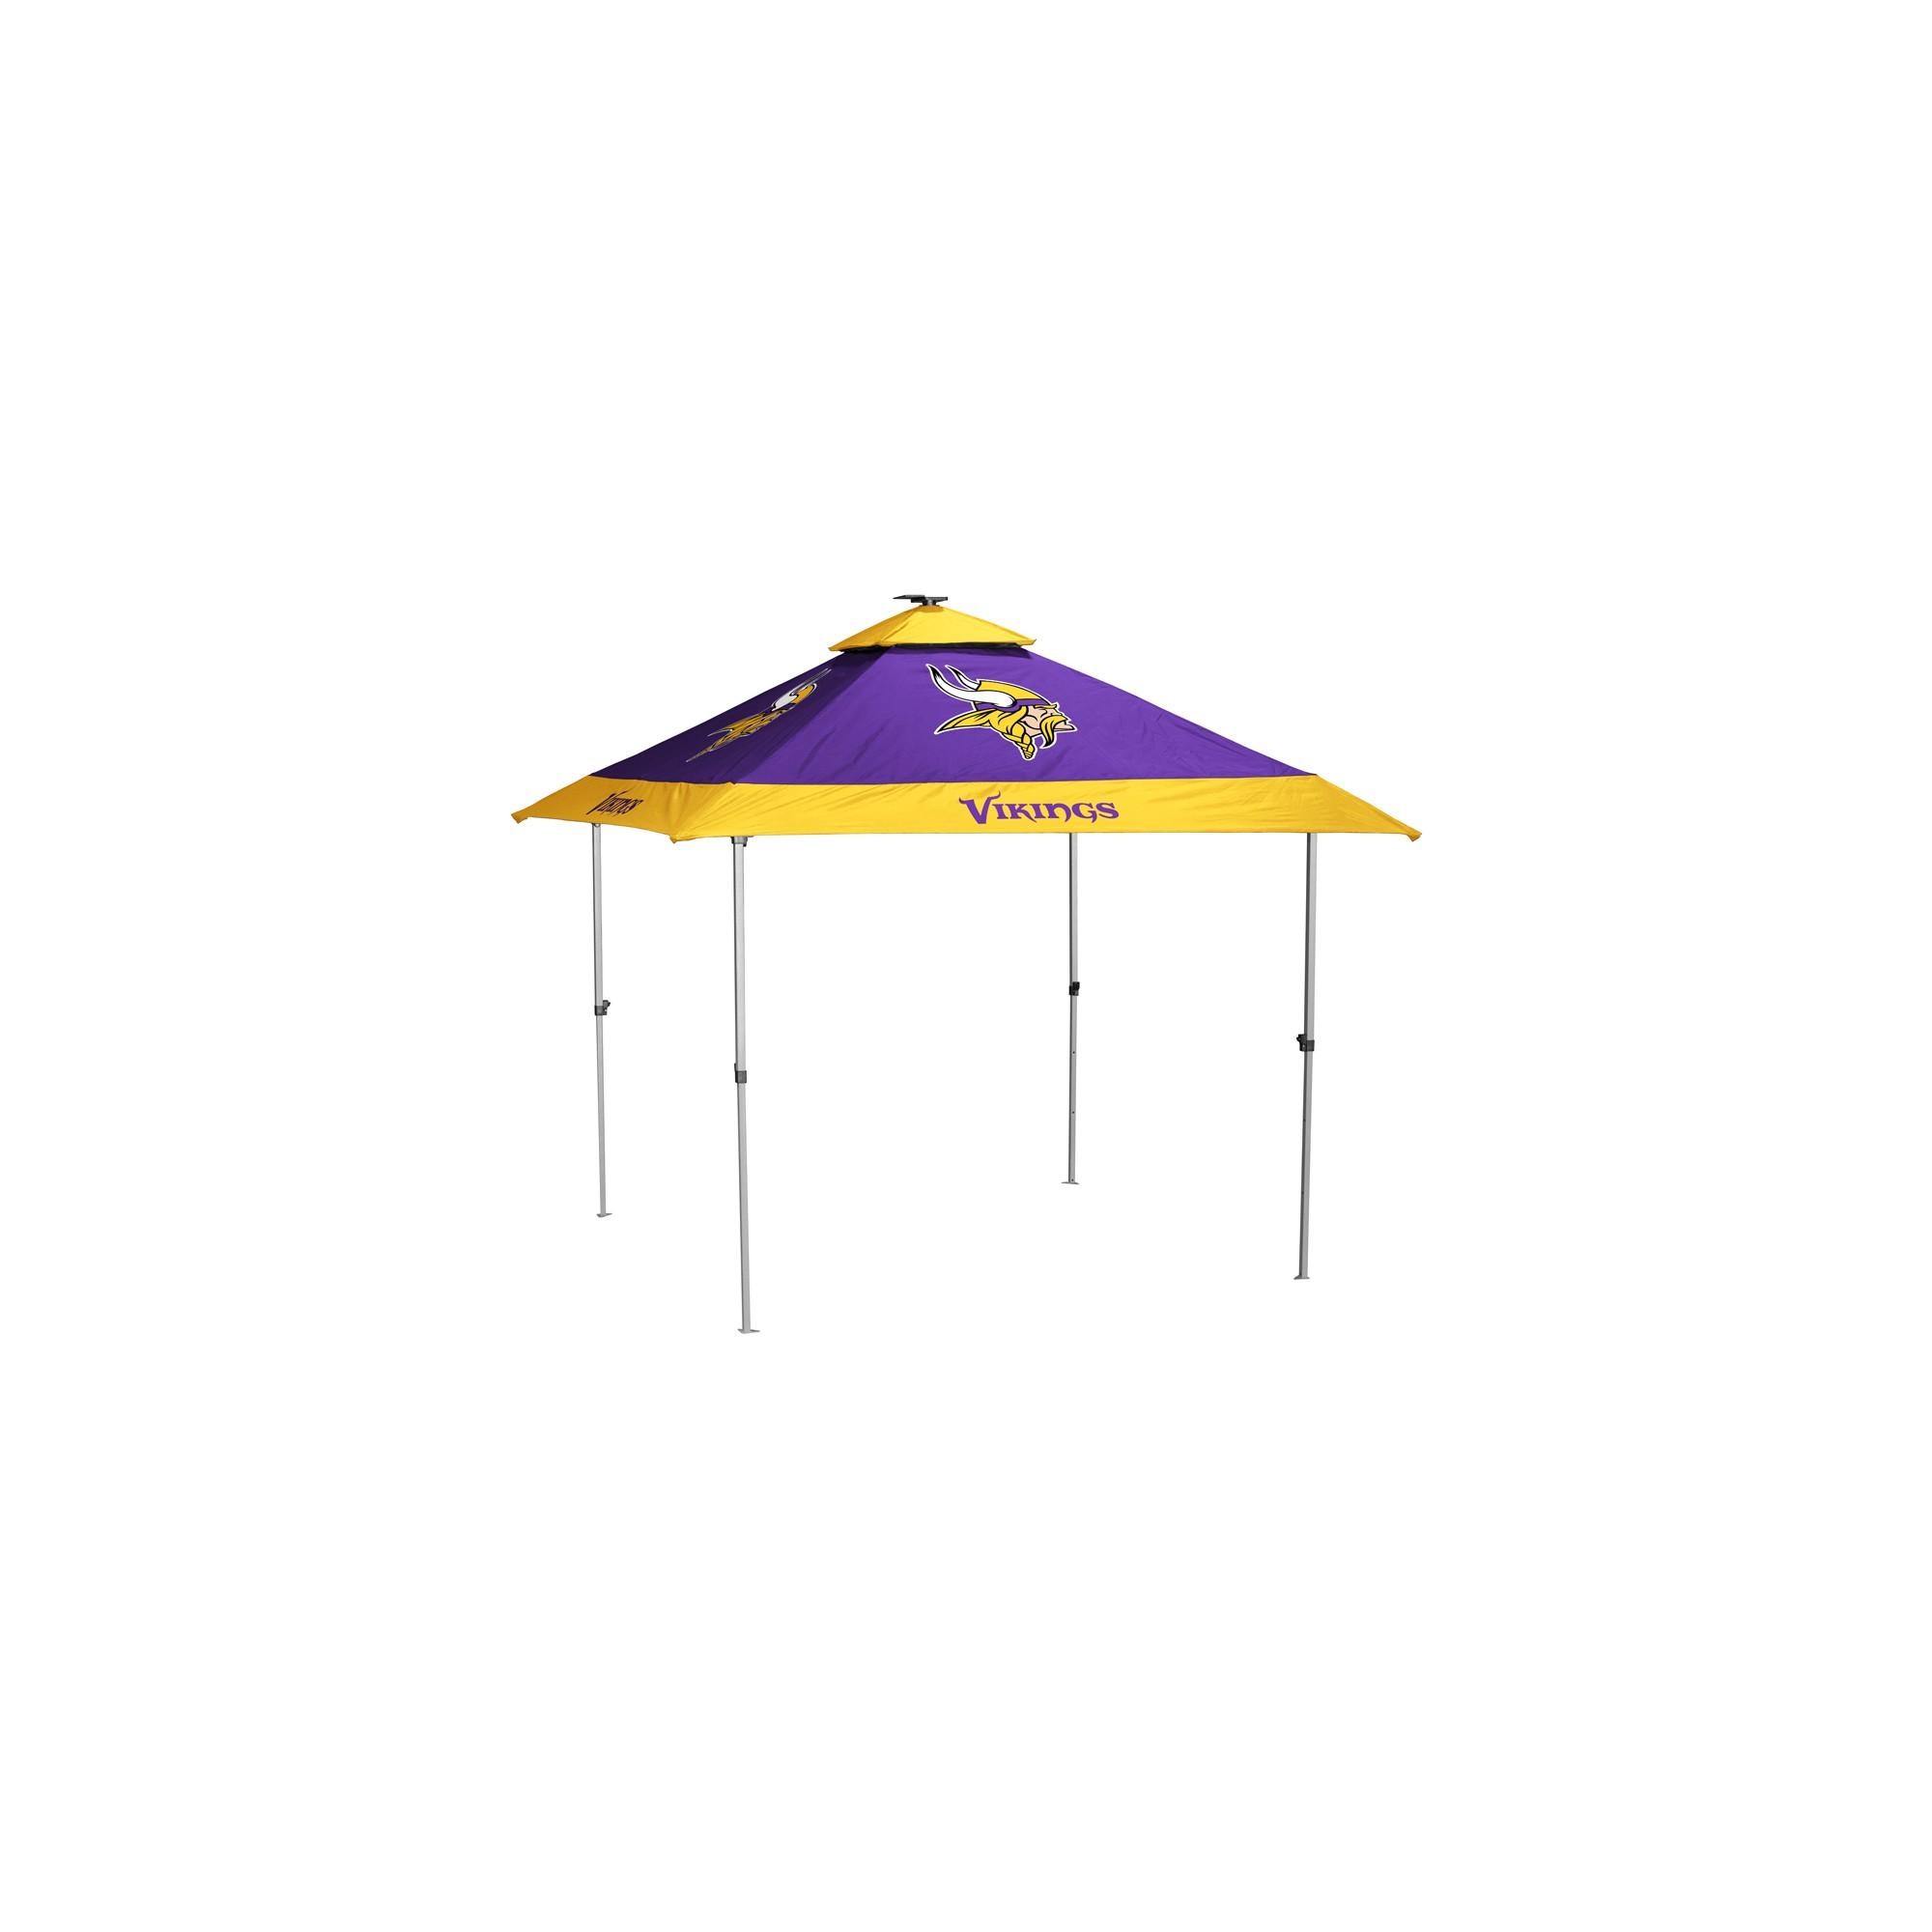 NFL Minnesota Vikings 10x10u0027 Pagoda Canopy Tent  sc 1 st  Pinterest & NFL Minnesota Vikings 10x10u0027 Pagoda Canopy Tent | Canopy tent ...